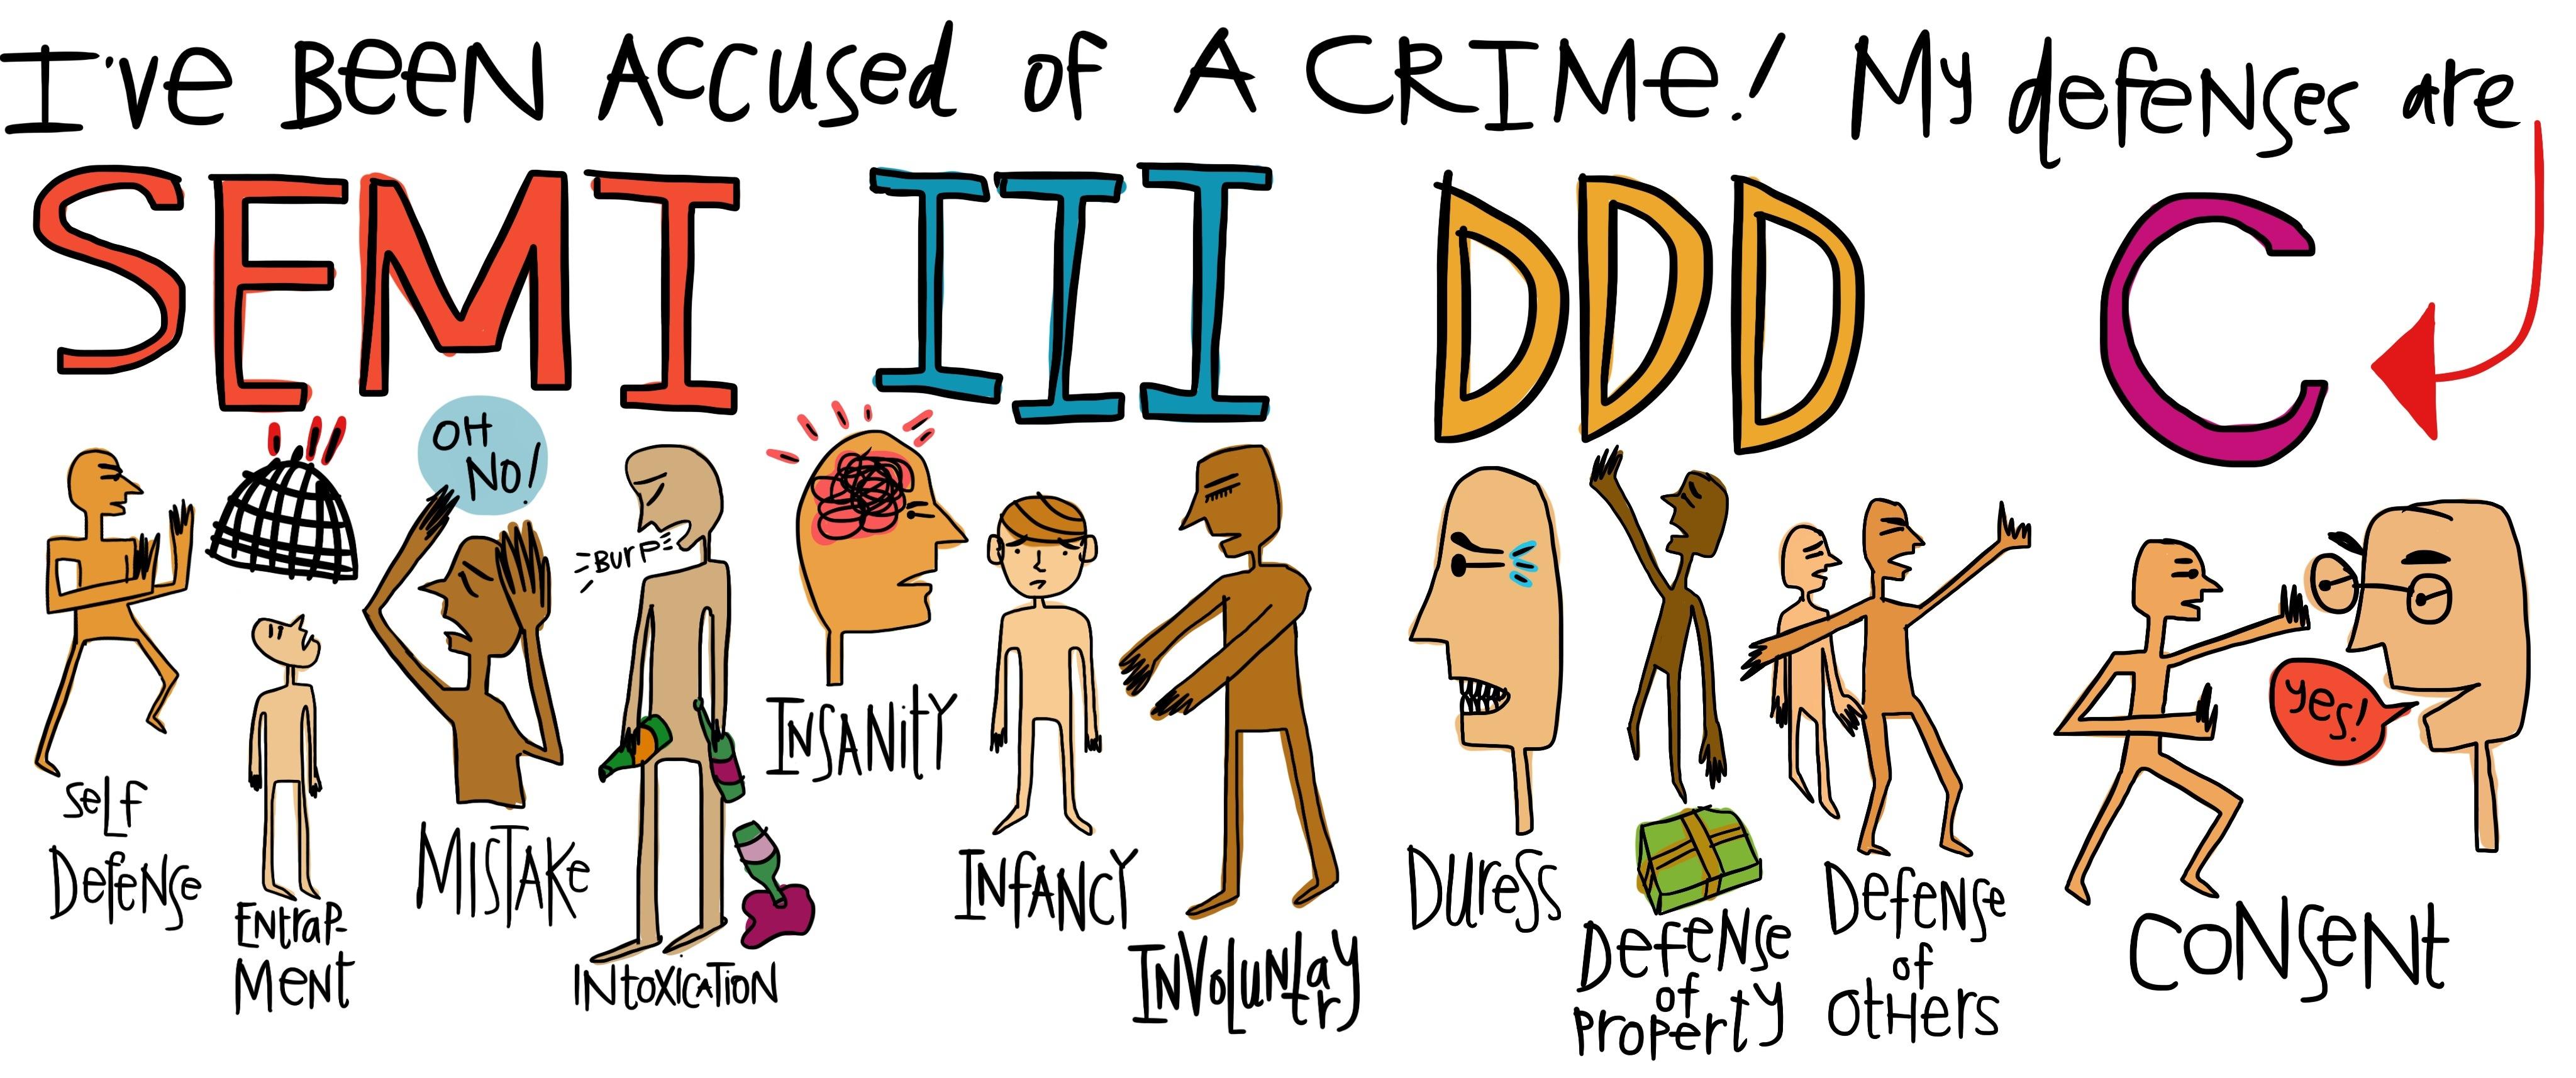 legal defenses in criminal law Journal of criminal law and criminology volume 85 issue 1summer article 3 summer 1994 gender, crime, and the criminal law defenses deborah w denno.